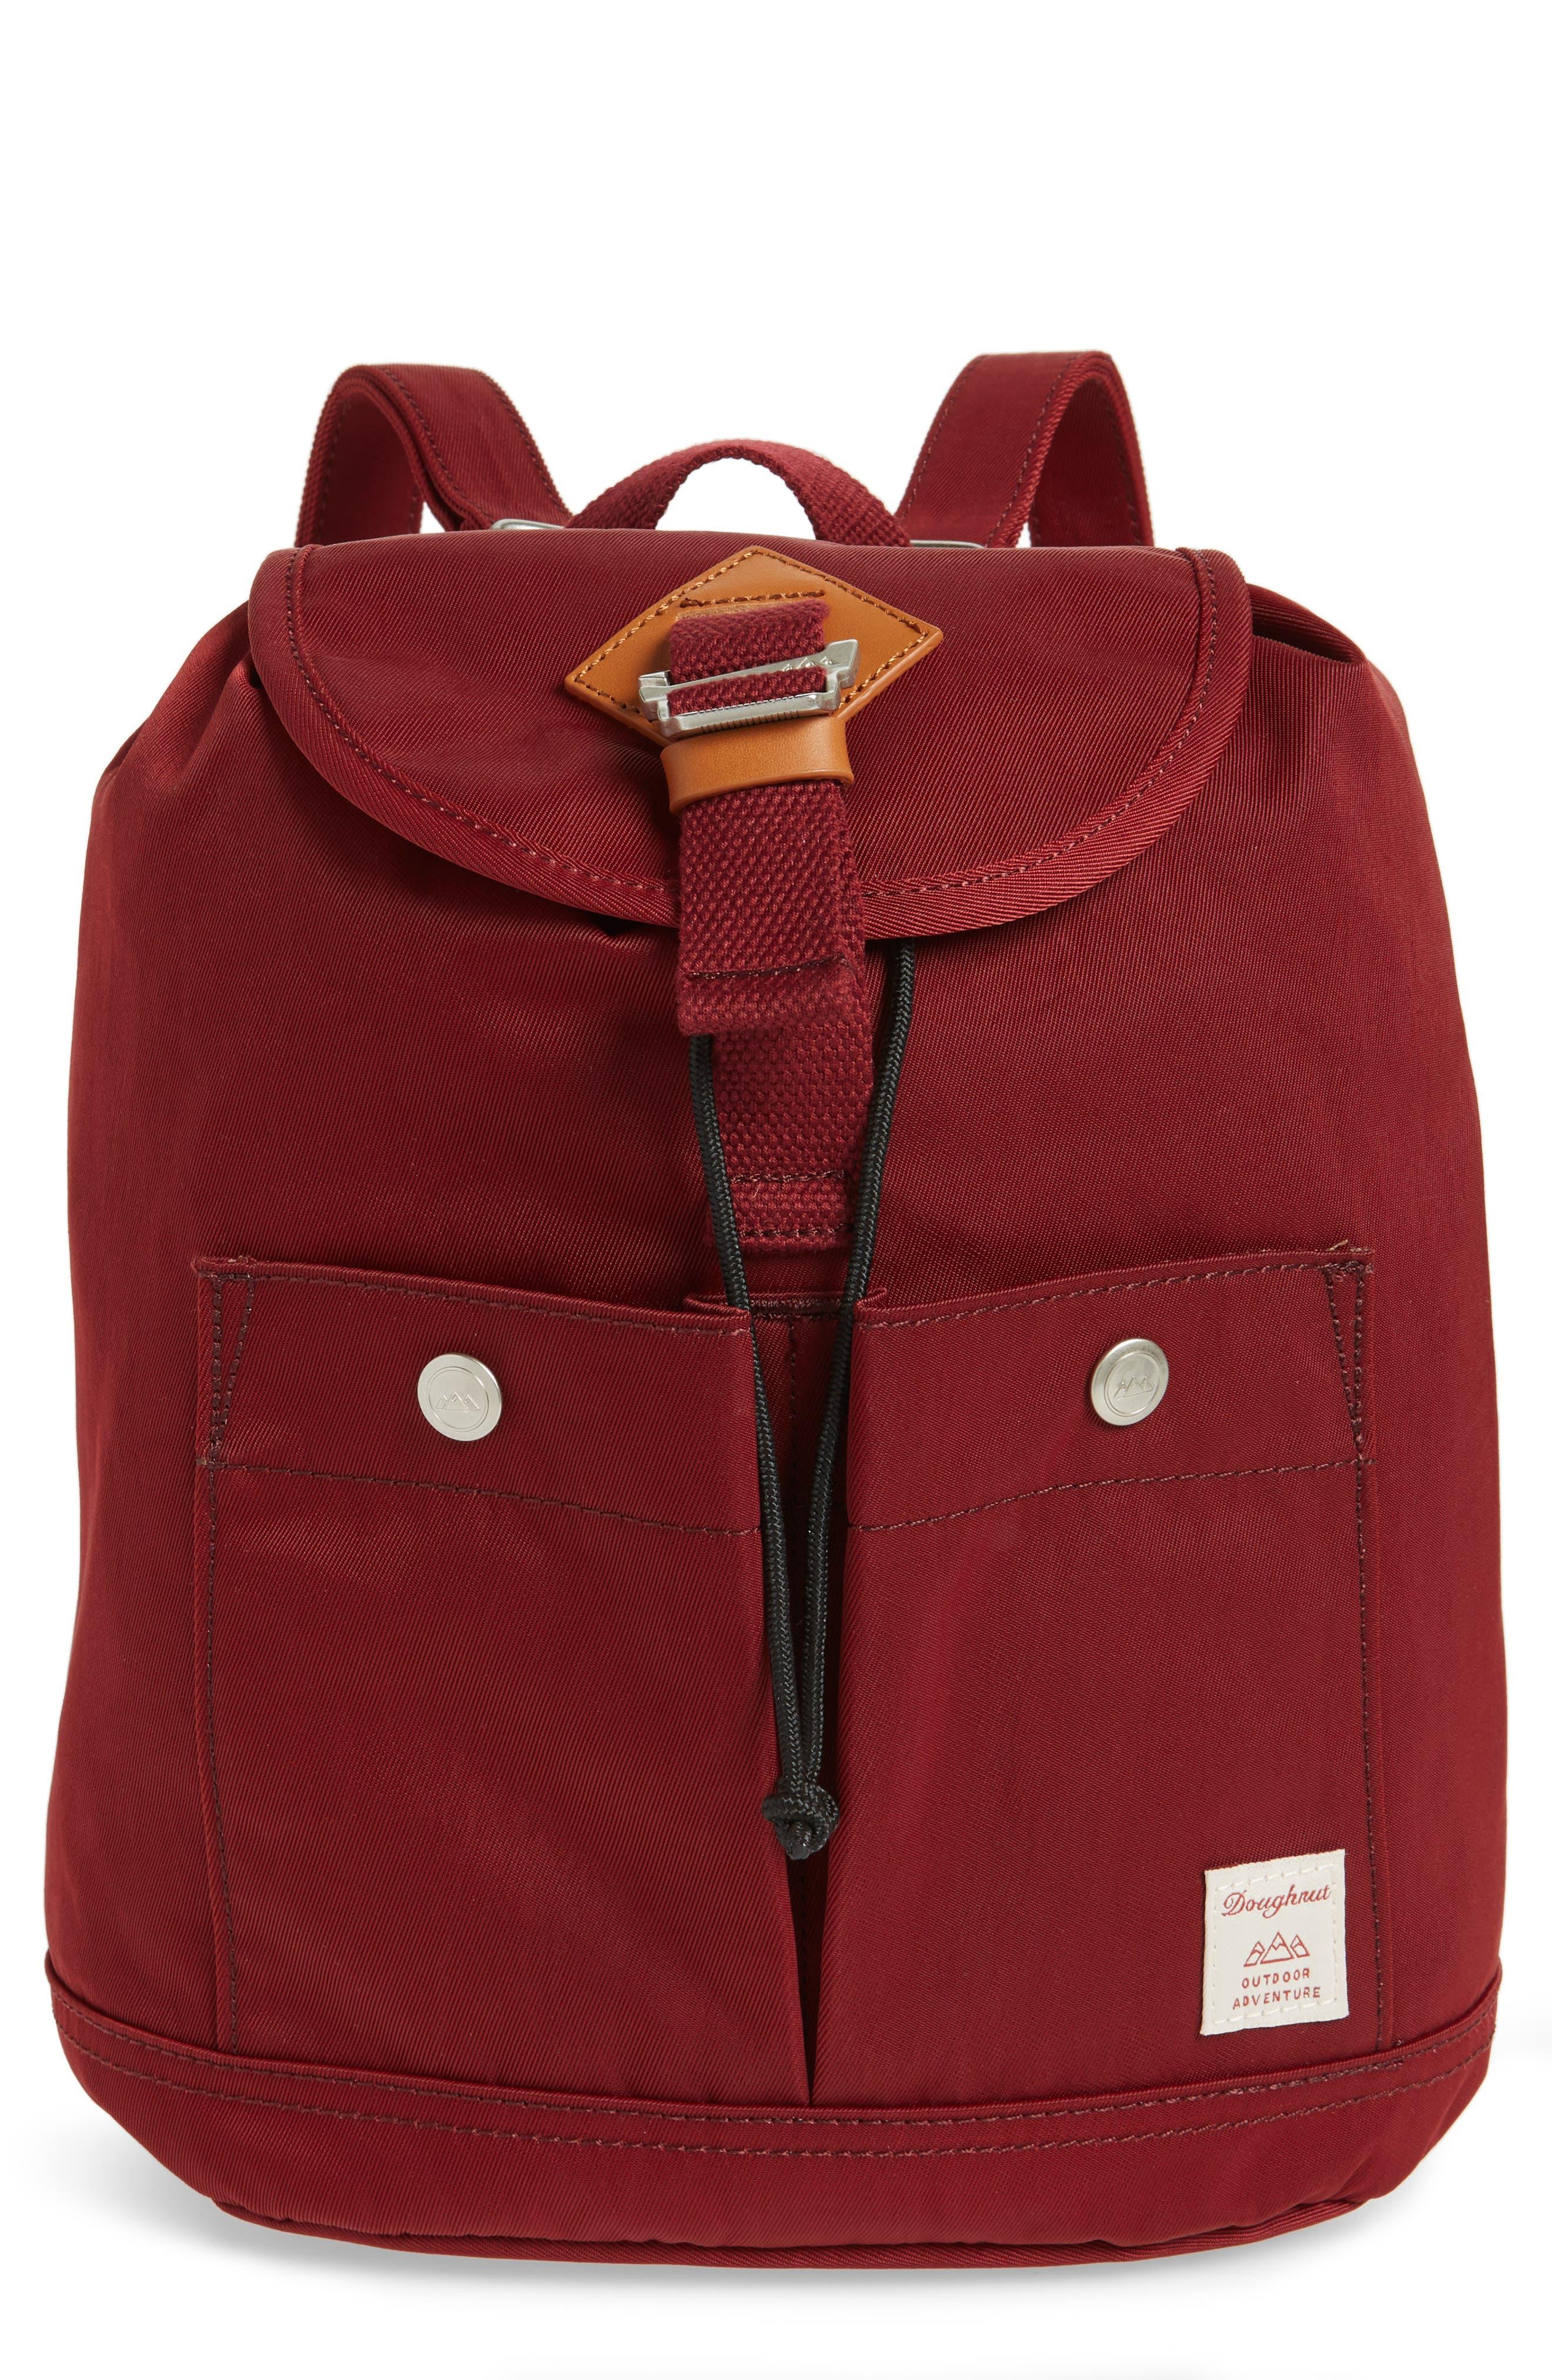 Women's DOUGHNUT Backpacks | Nordstrom